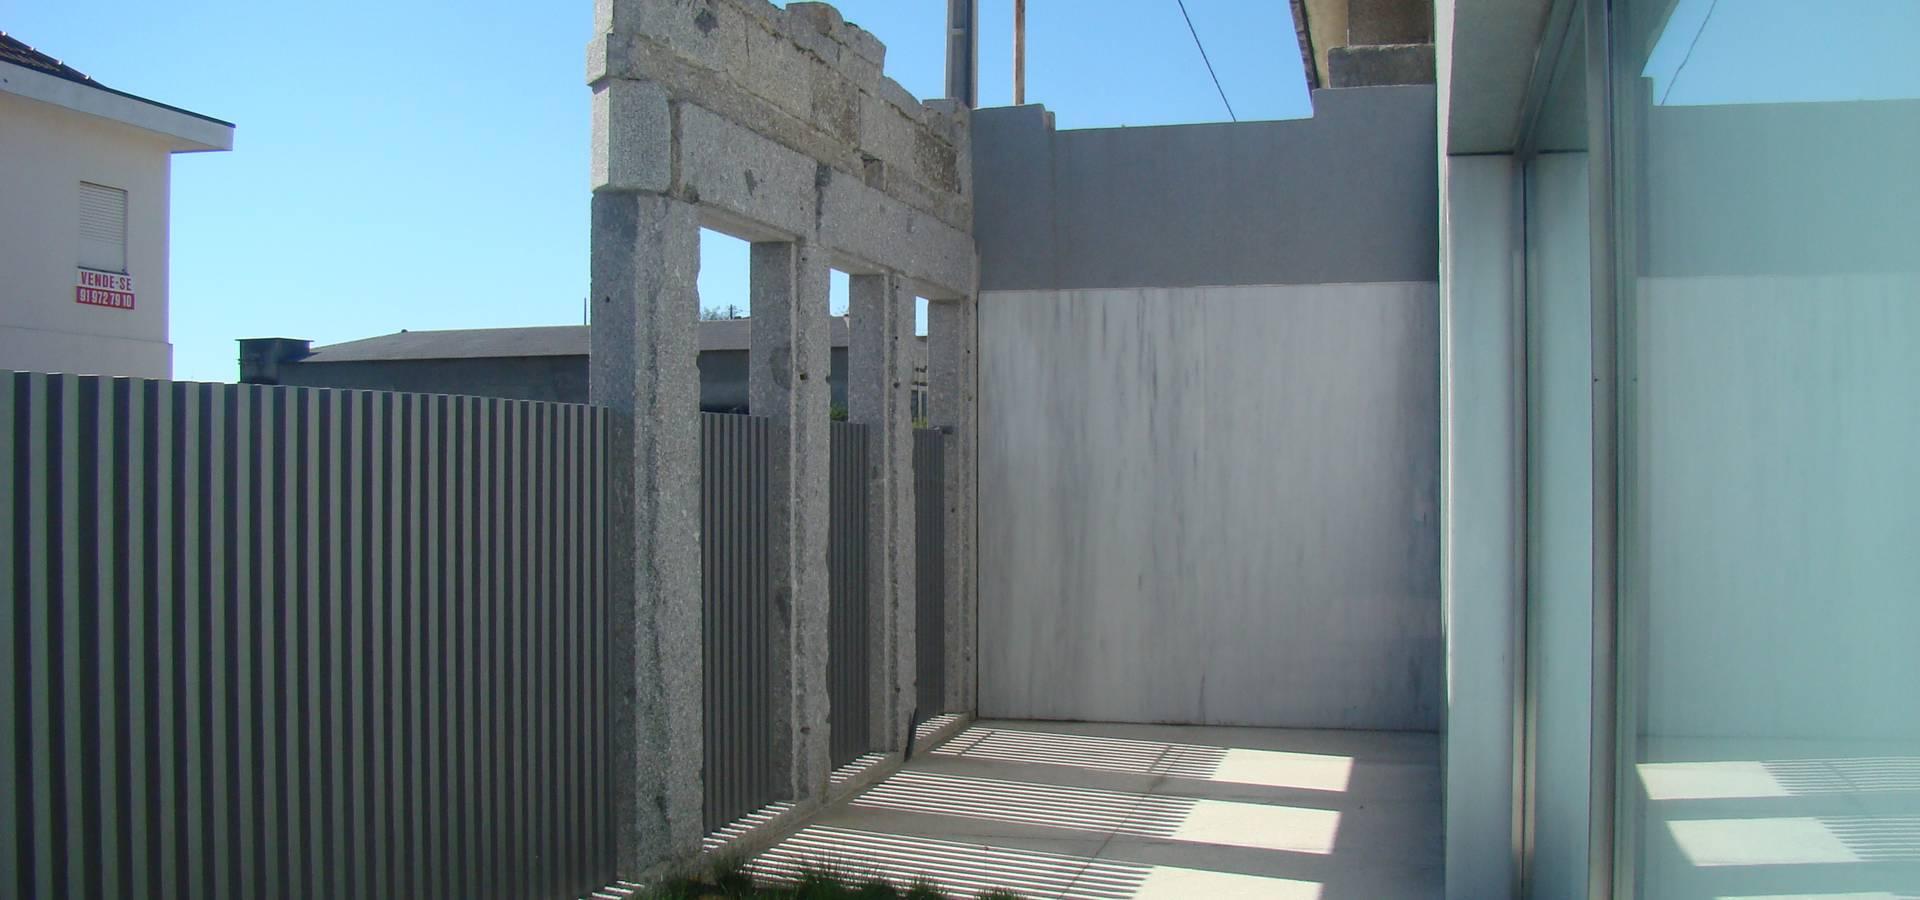 Amadeu Queirós I Arcolinha arquitectura